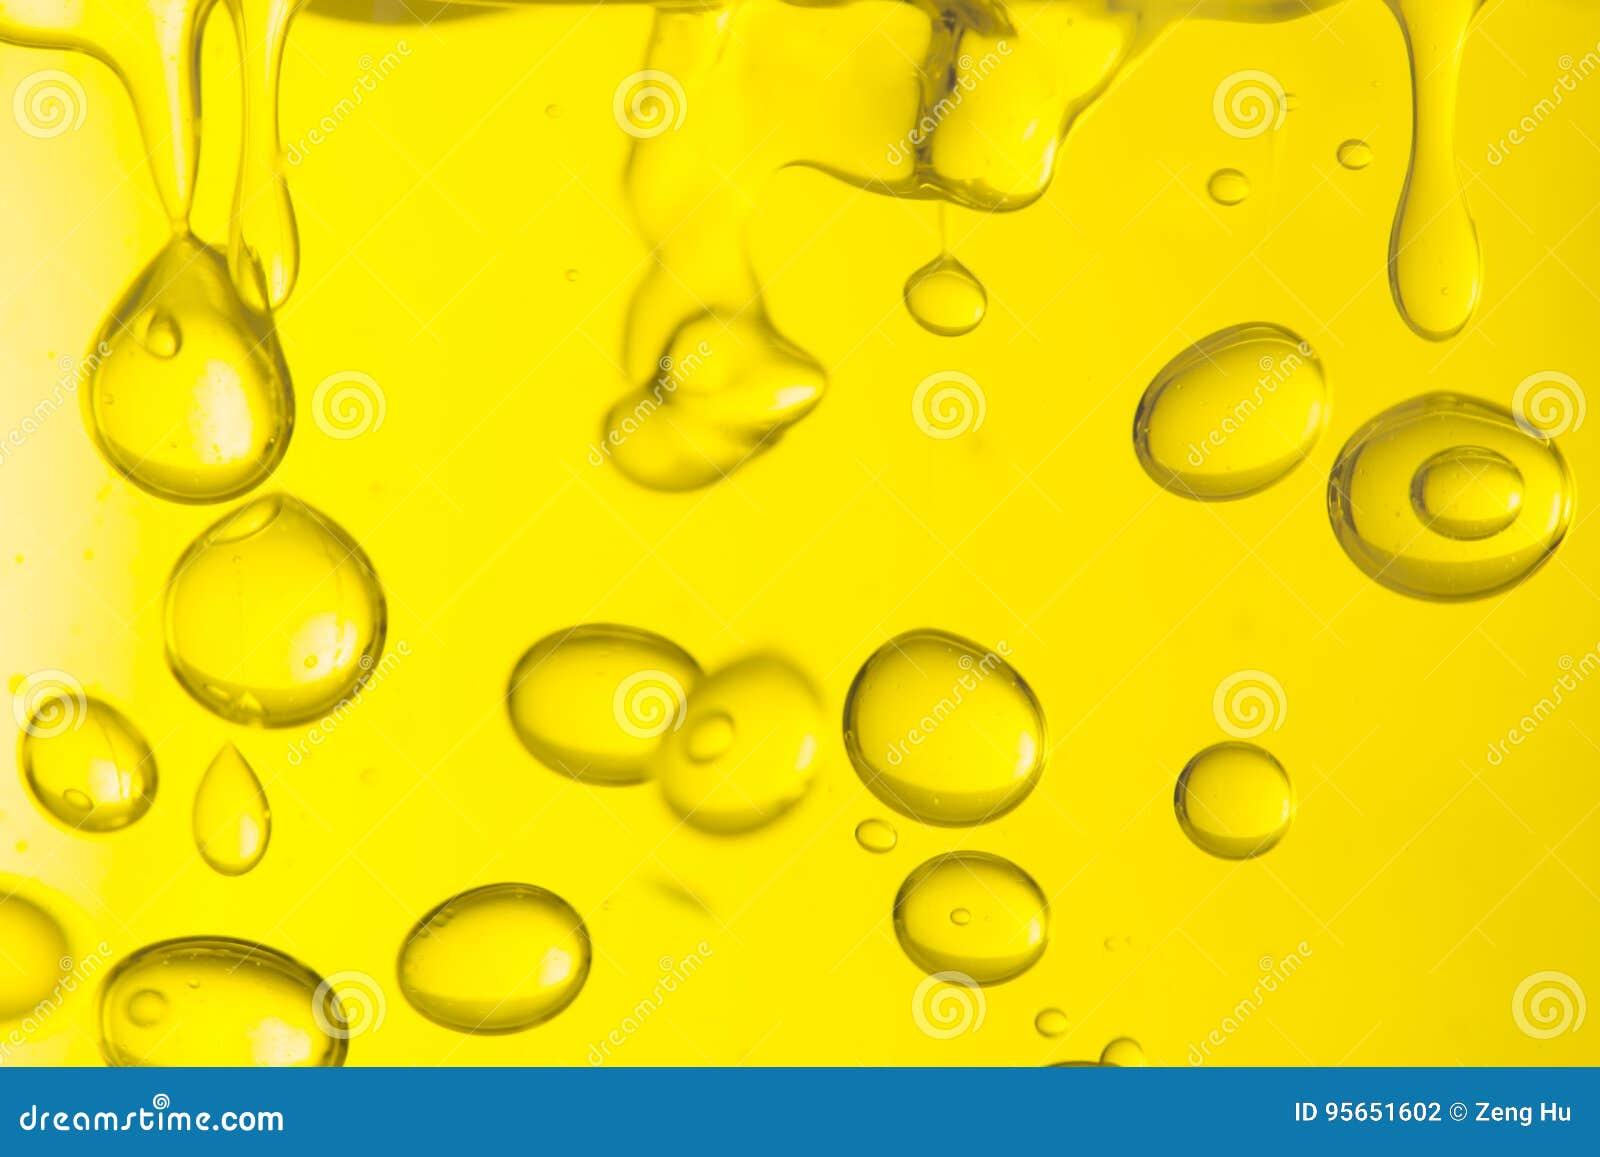 Makro von Öltropfen